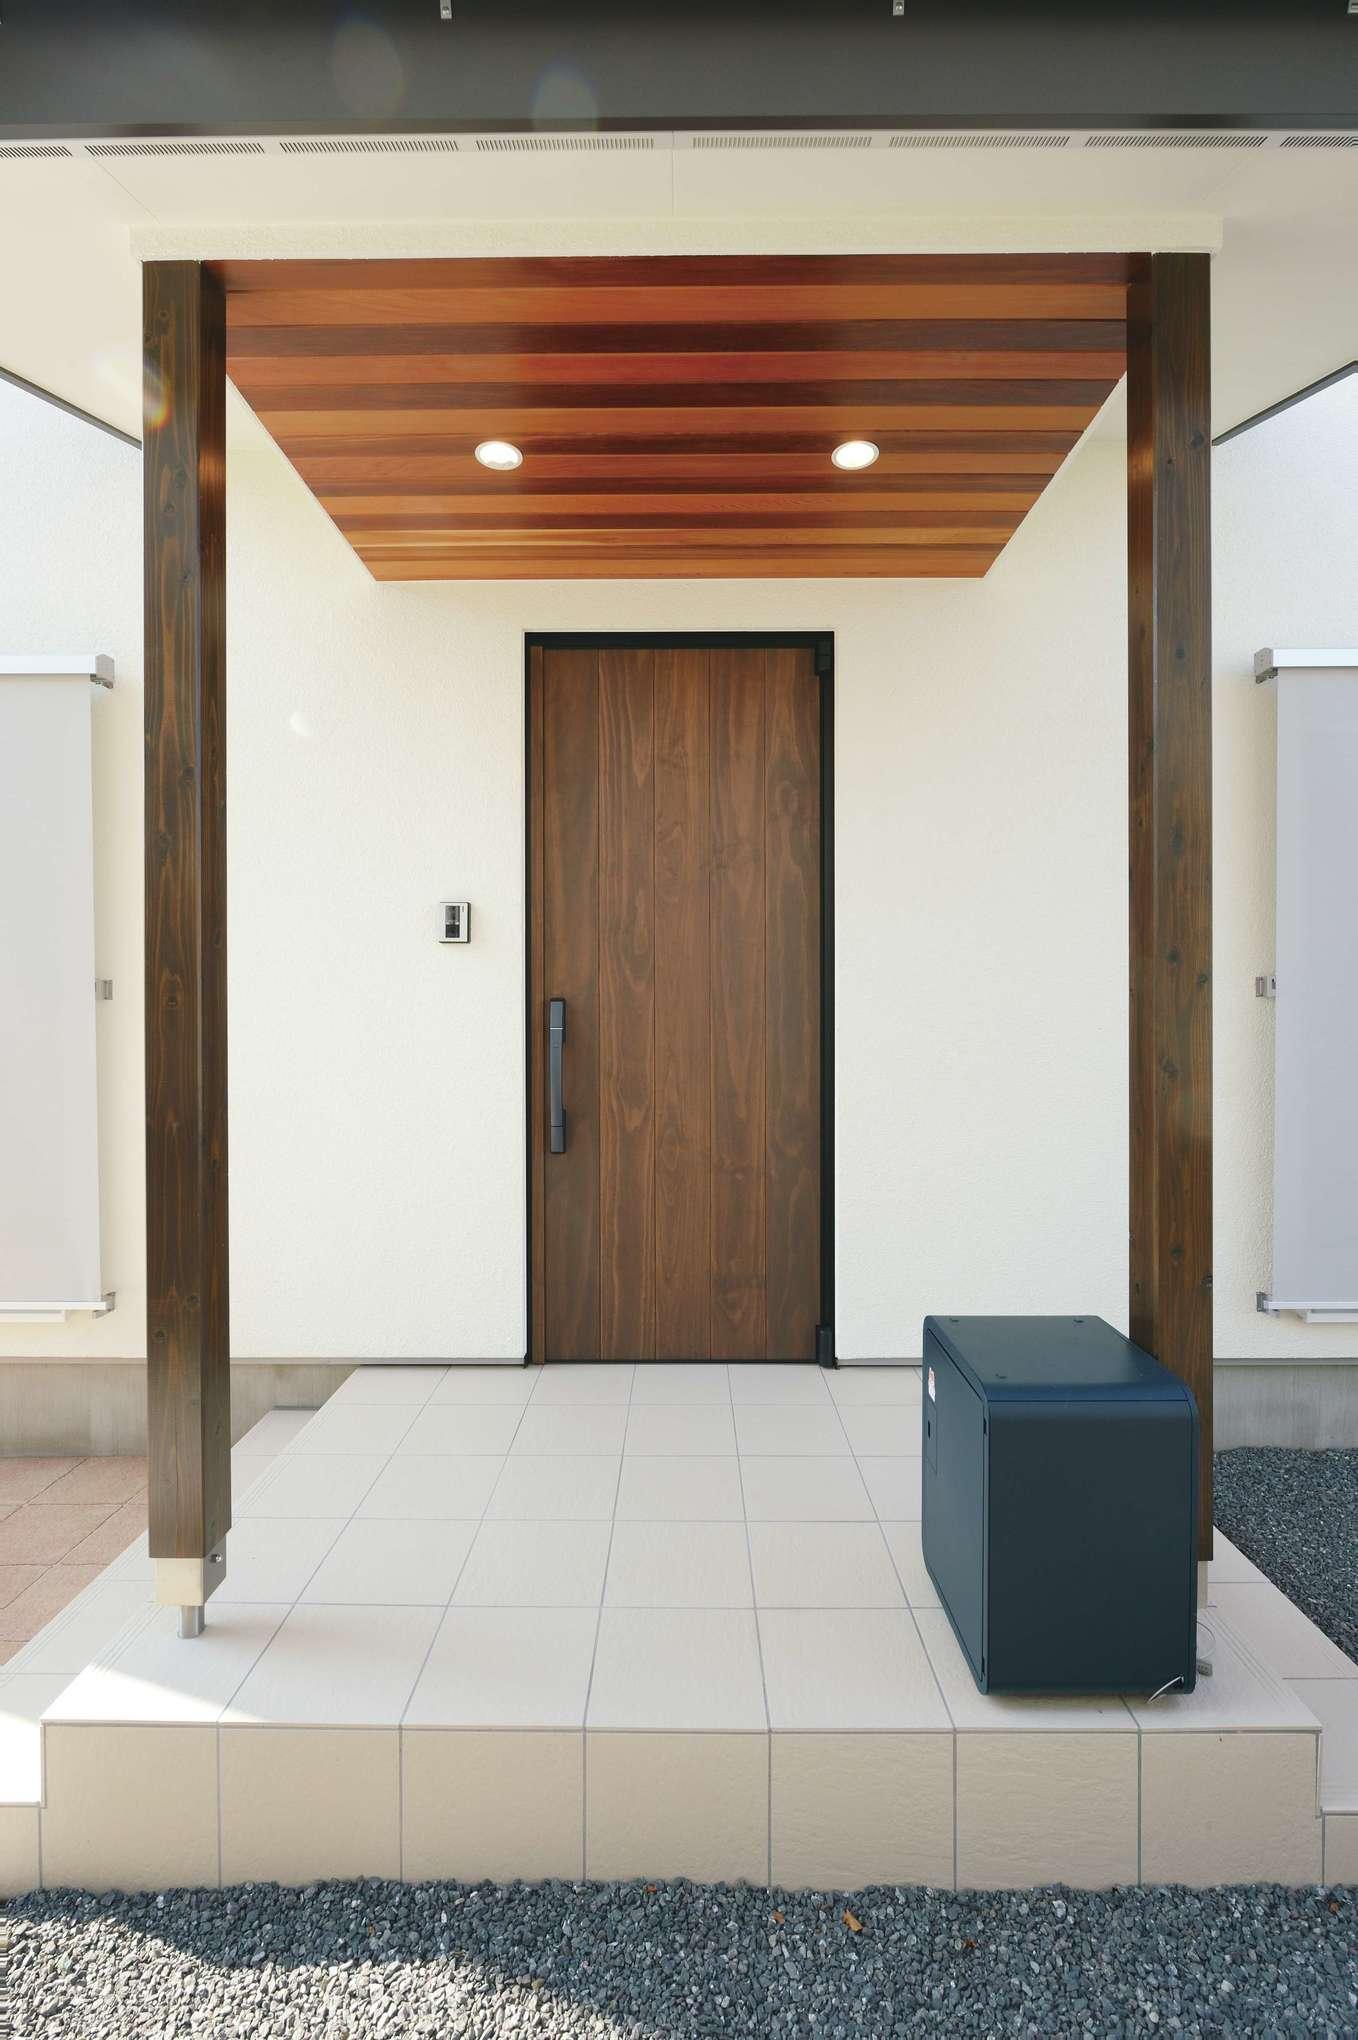 ダイニングの天井と同じ木材を使った庇がおしゃれ